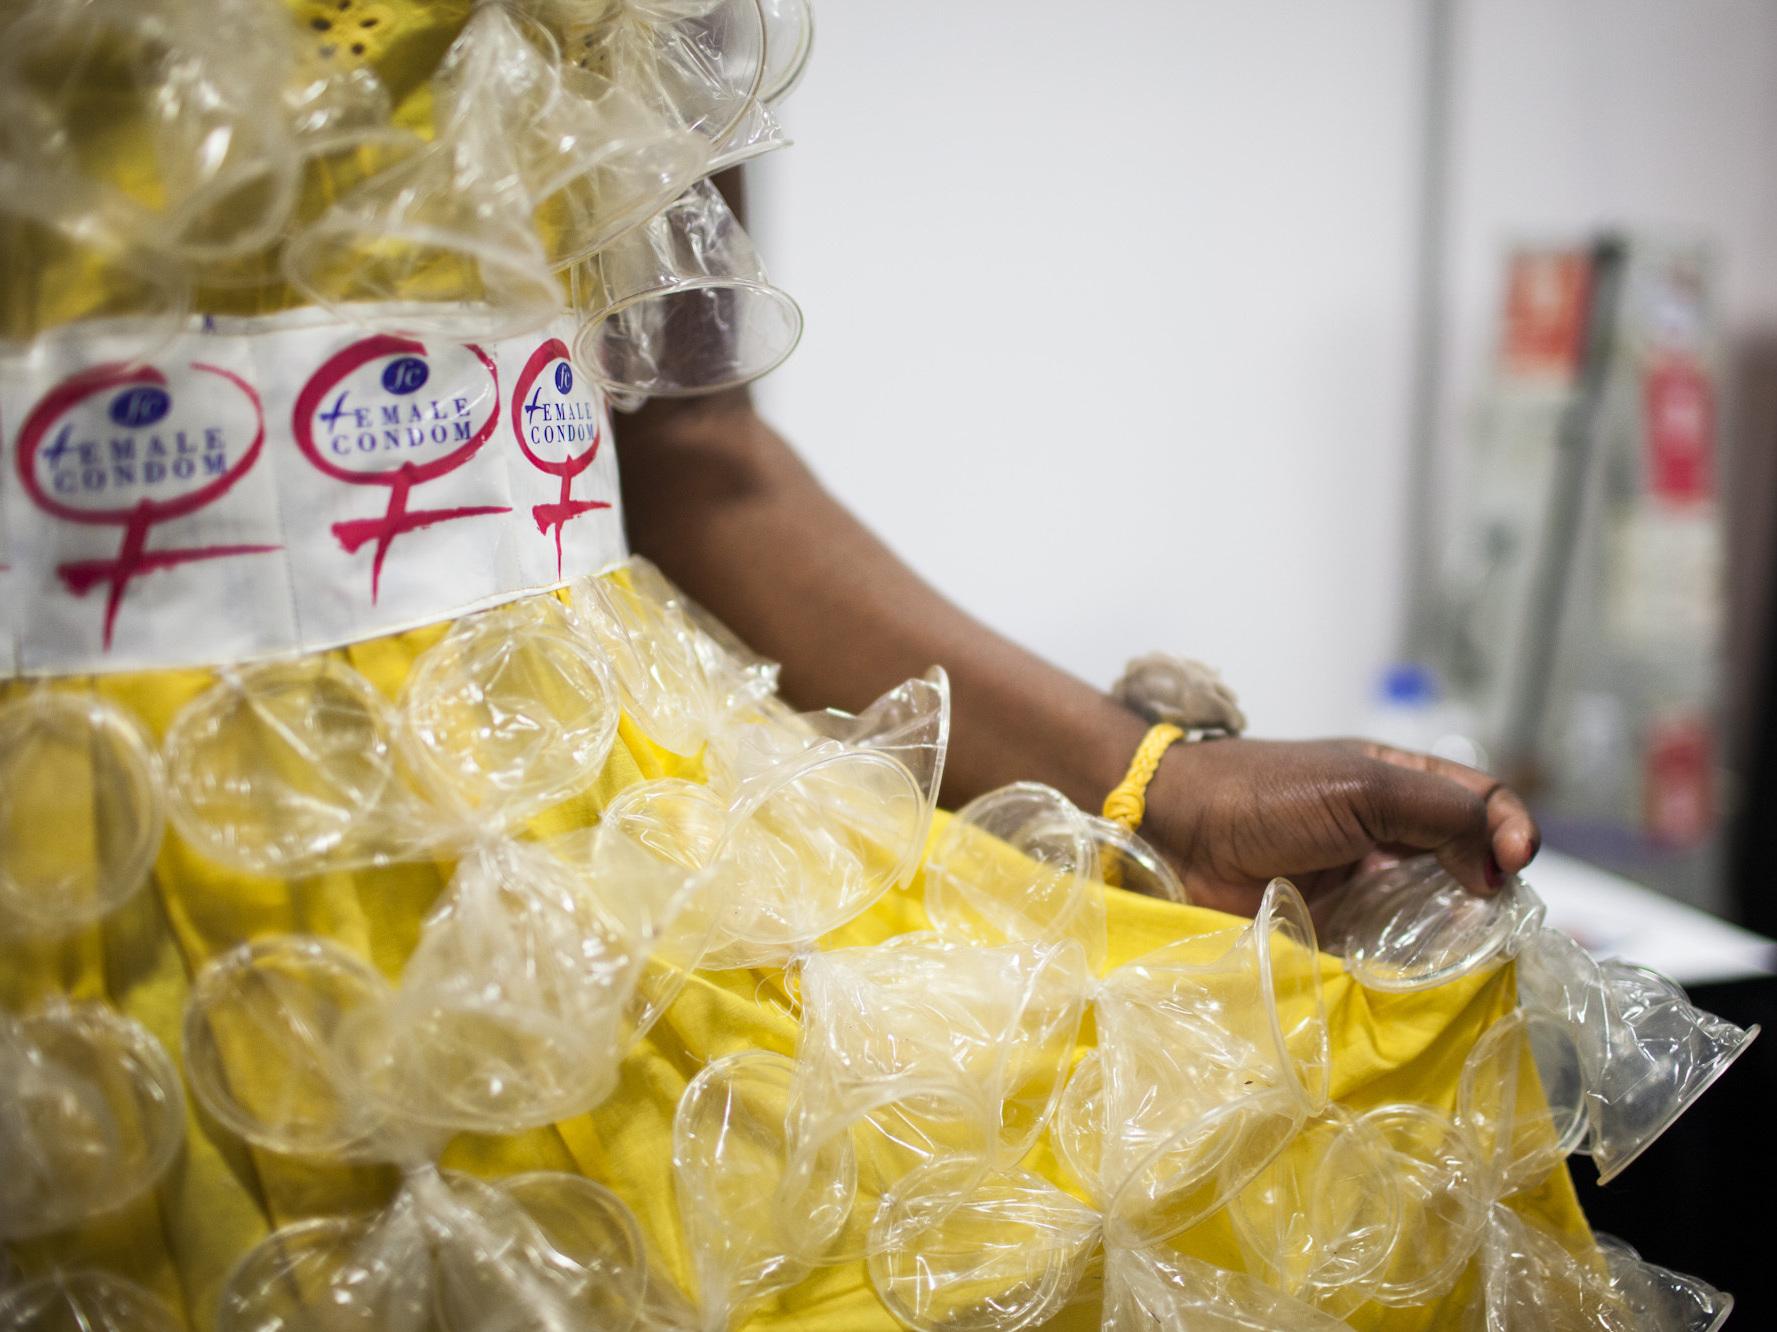 how to make a condom dress